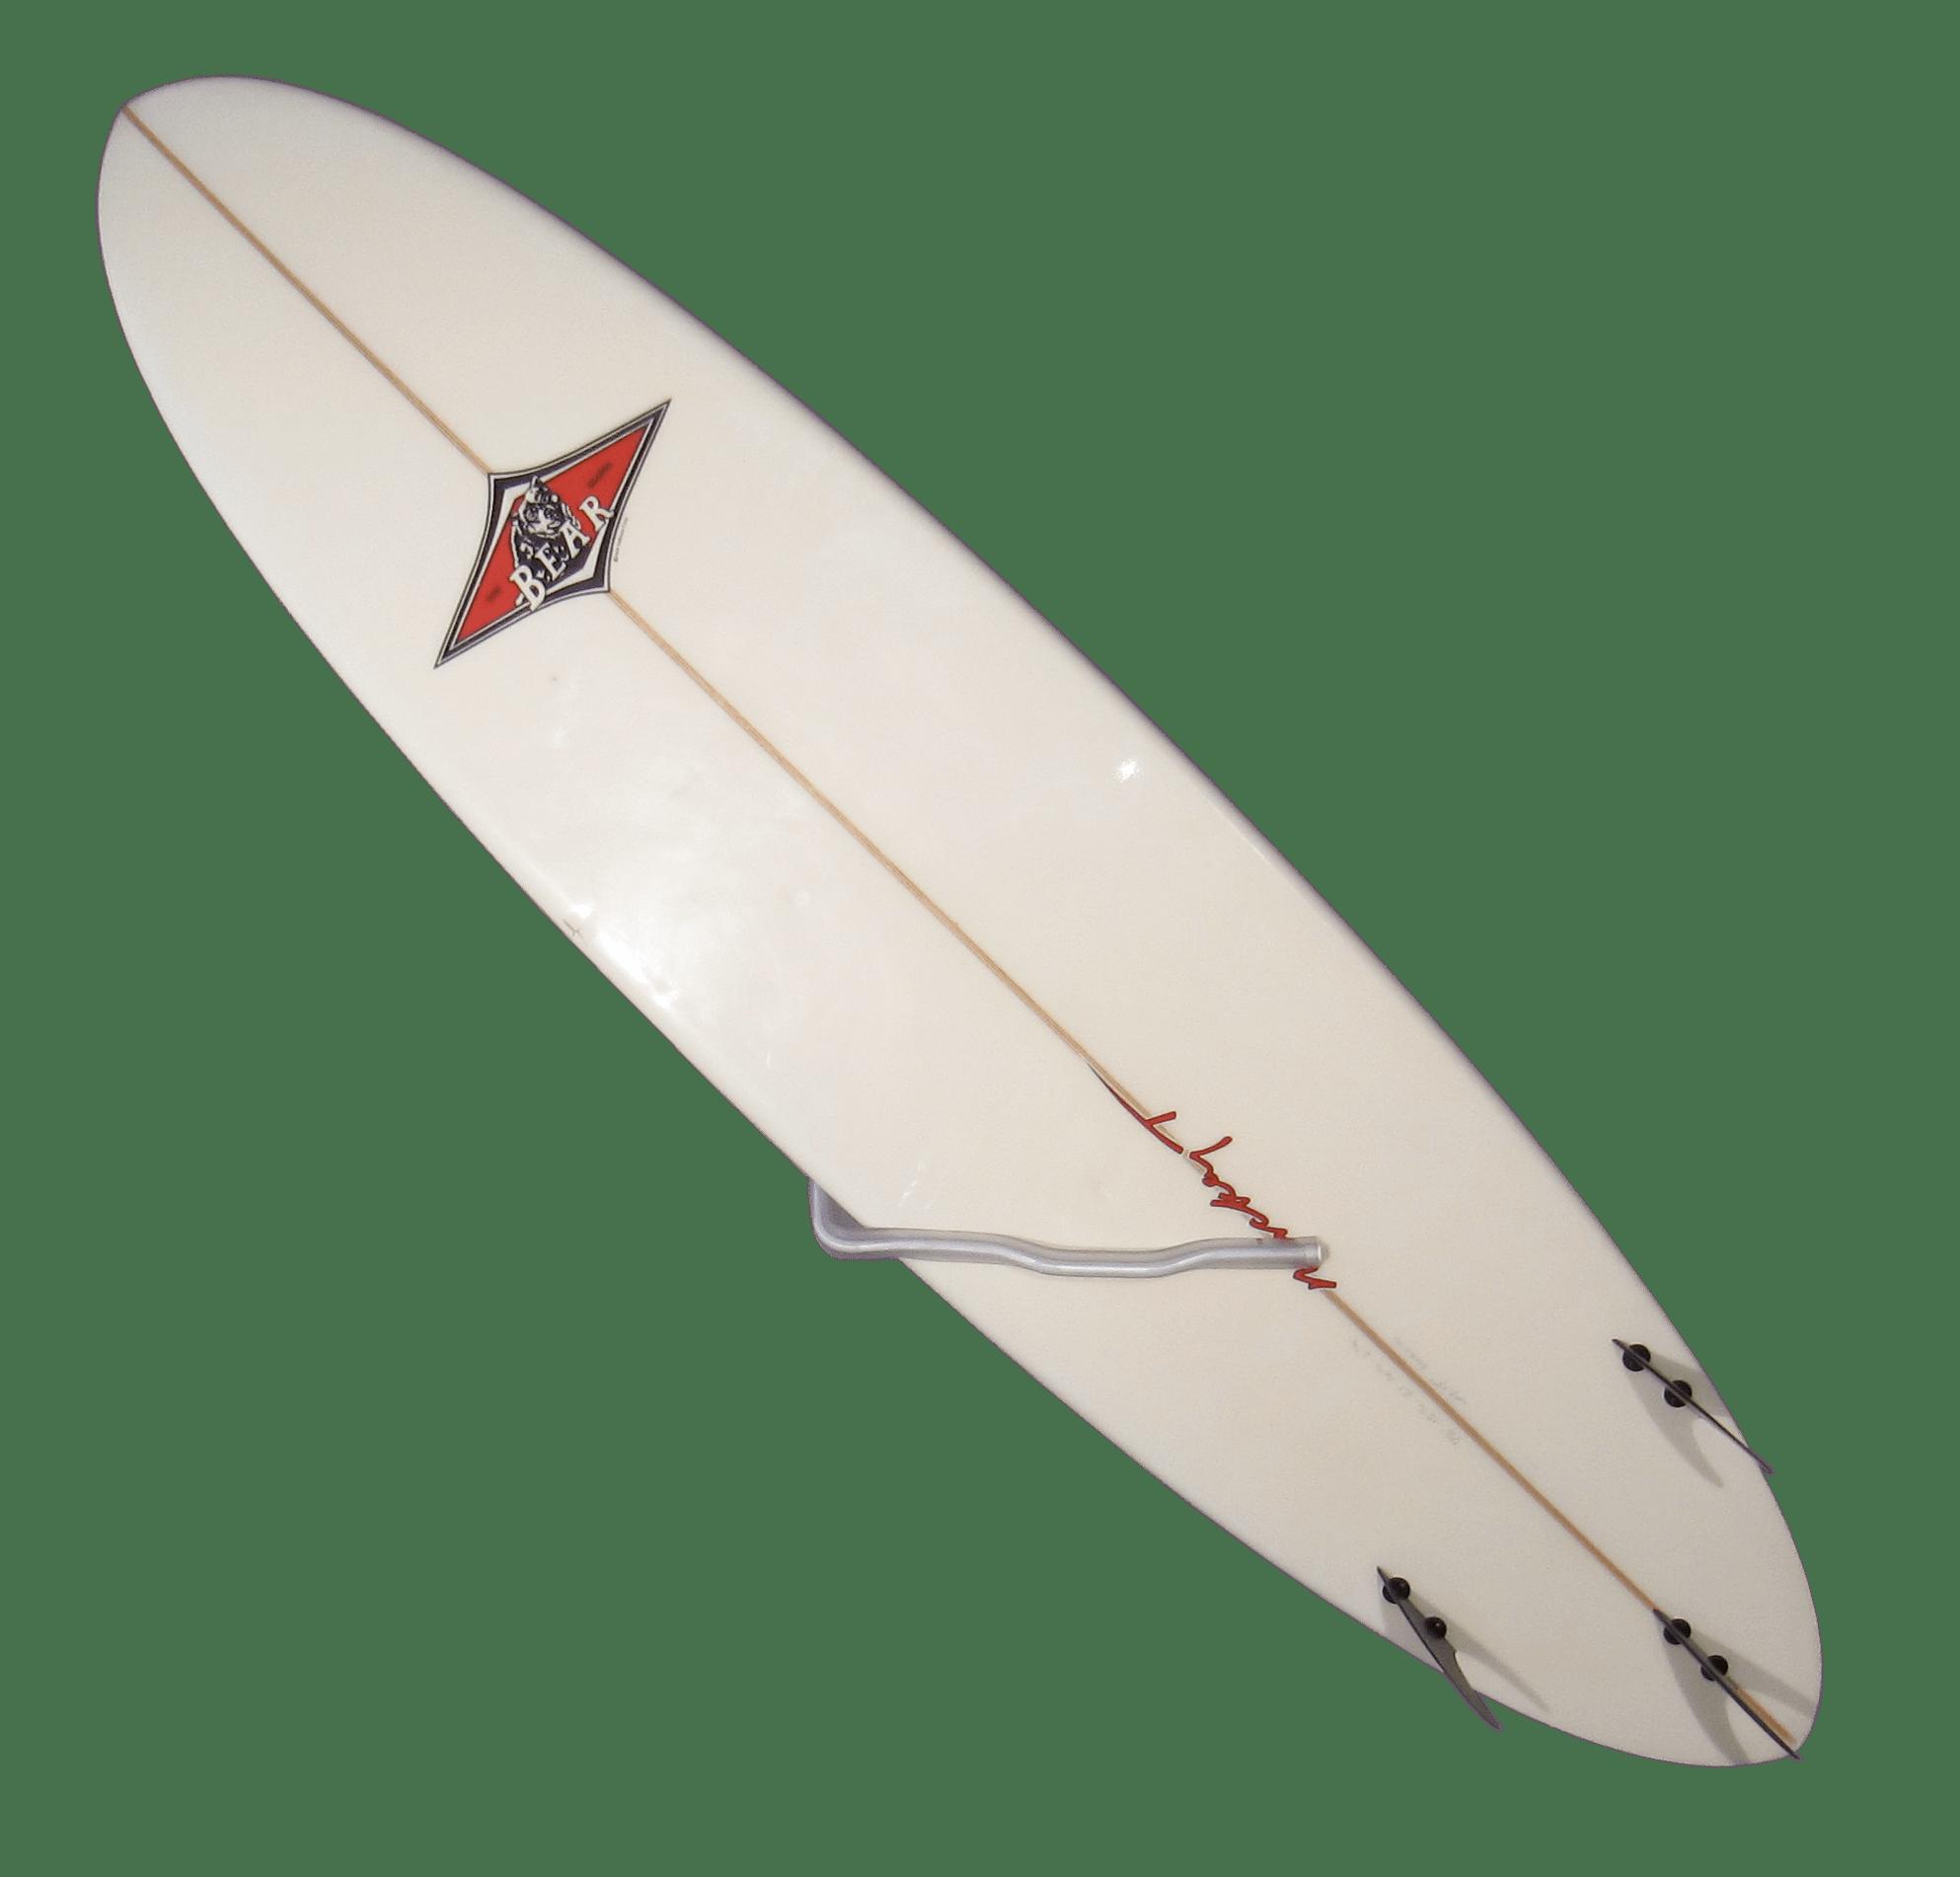 surfboard display rack  Surfboard Wall Mount, Surfboard